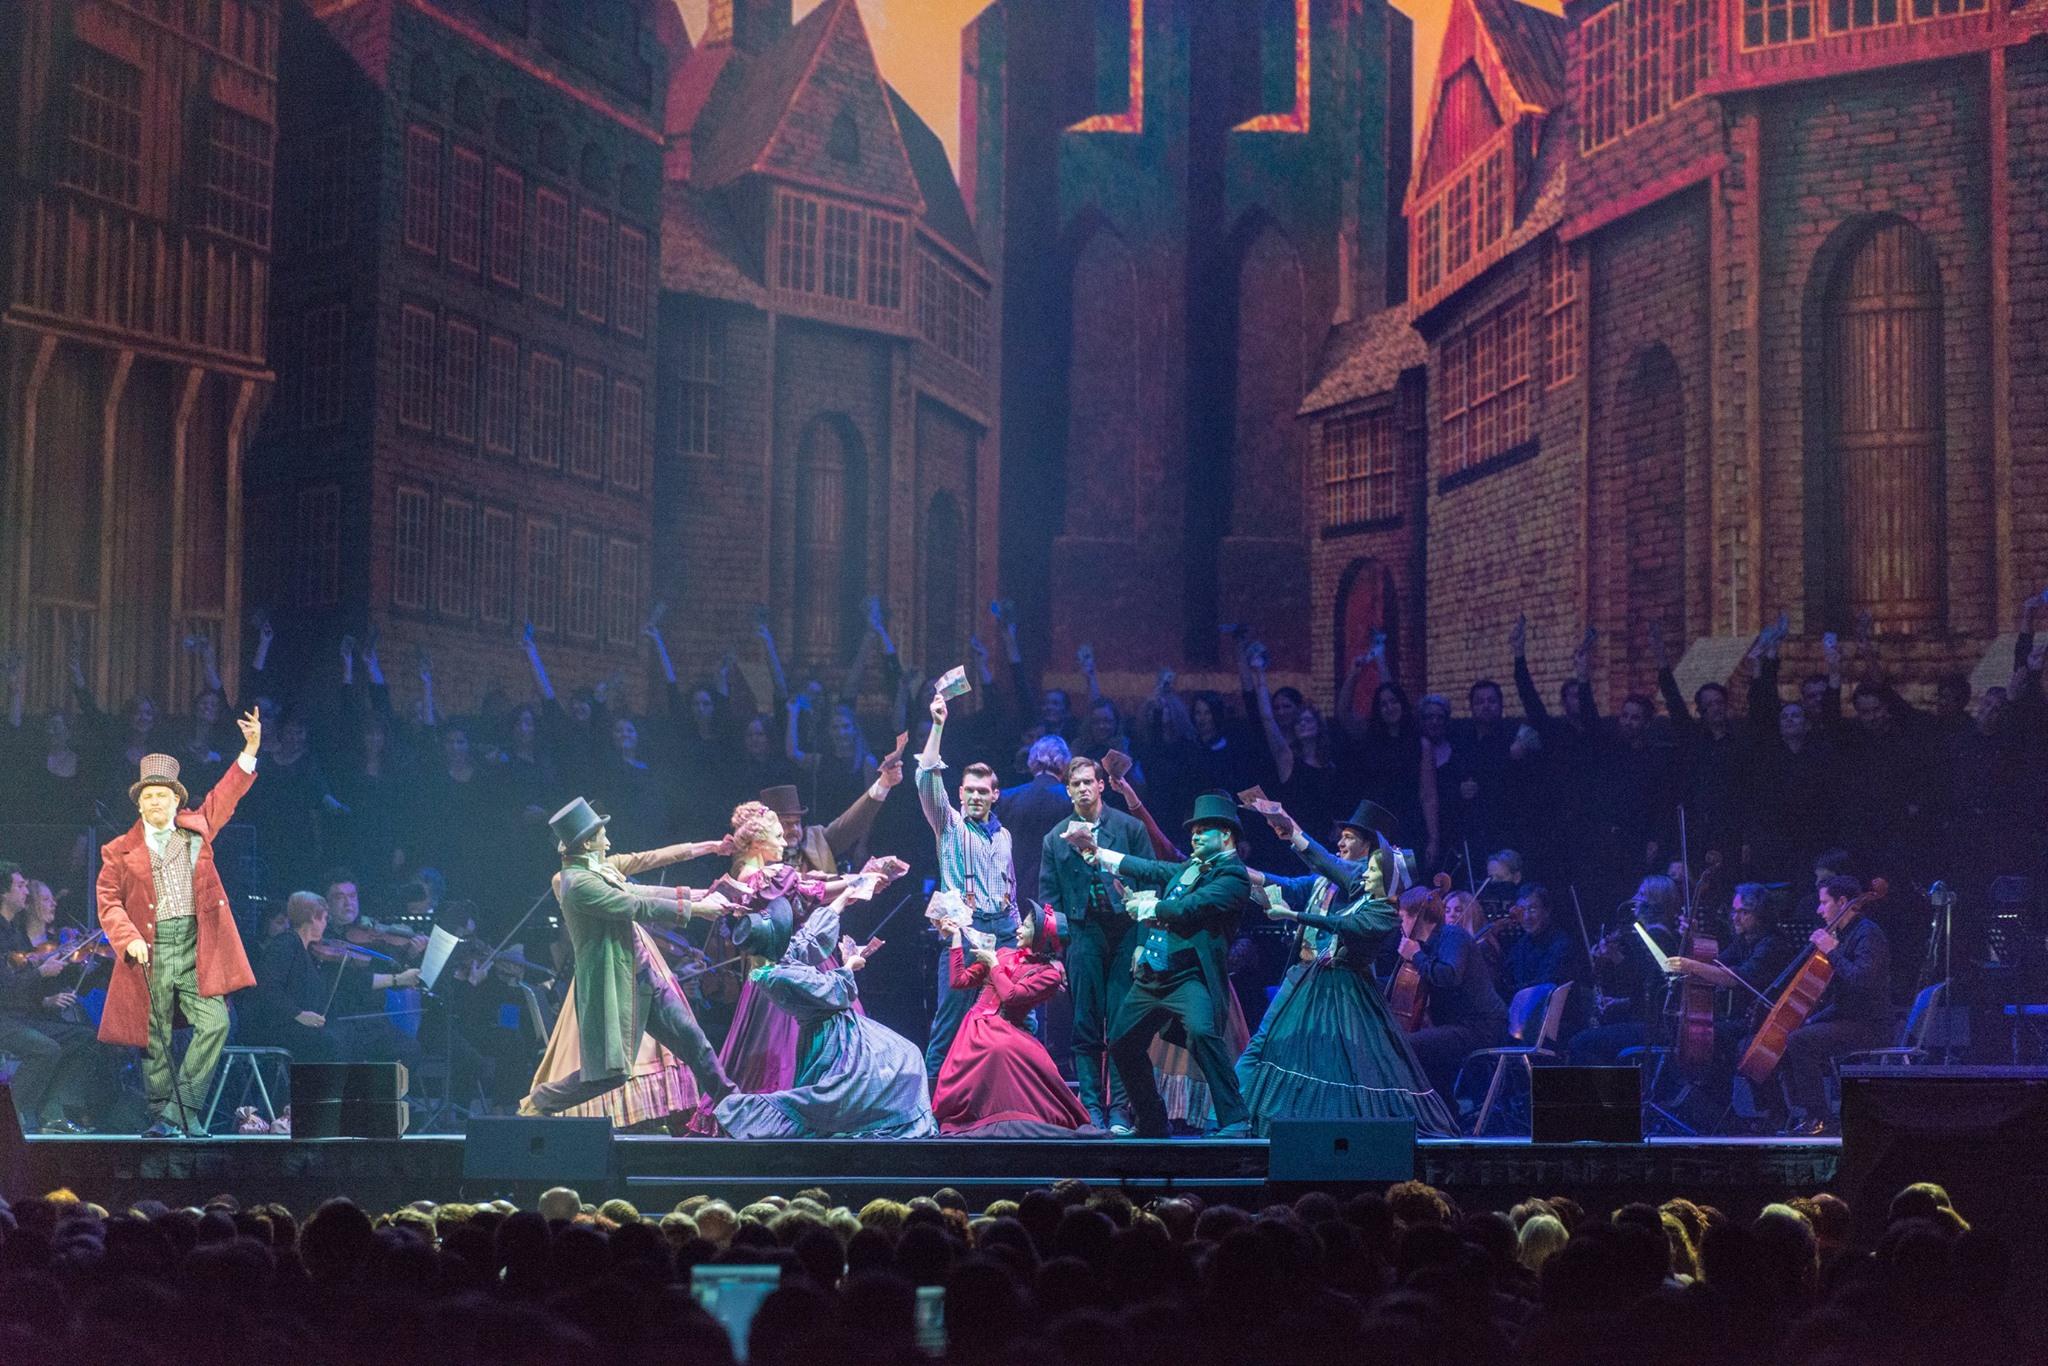 Ein beeindruckendes Erlebnis: 'Kolpings Traum' in der LANXESS Arena - mit dem Musical Ensemble Erft als Gesangsensemble!